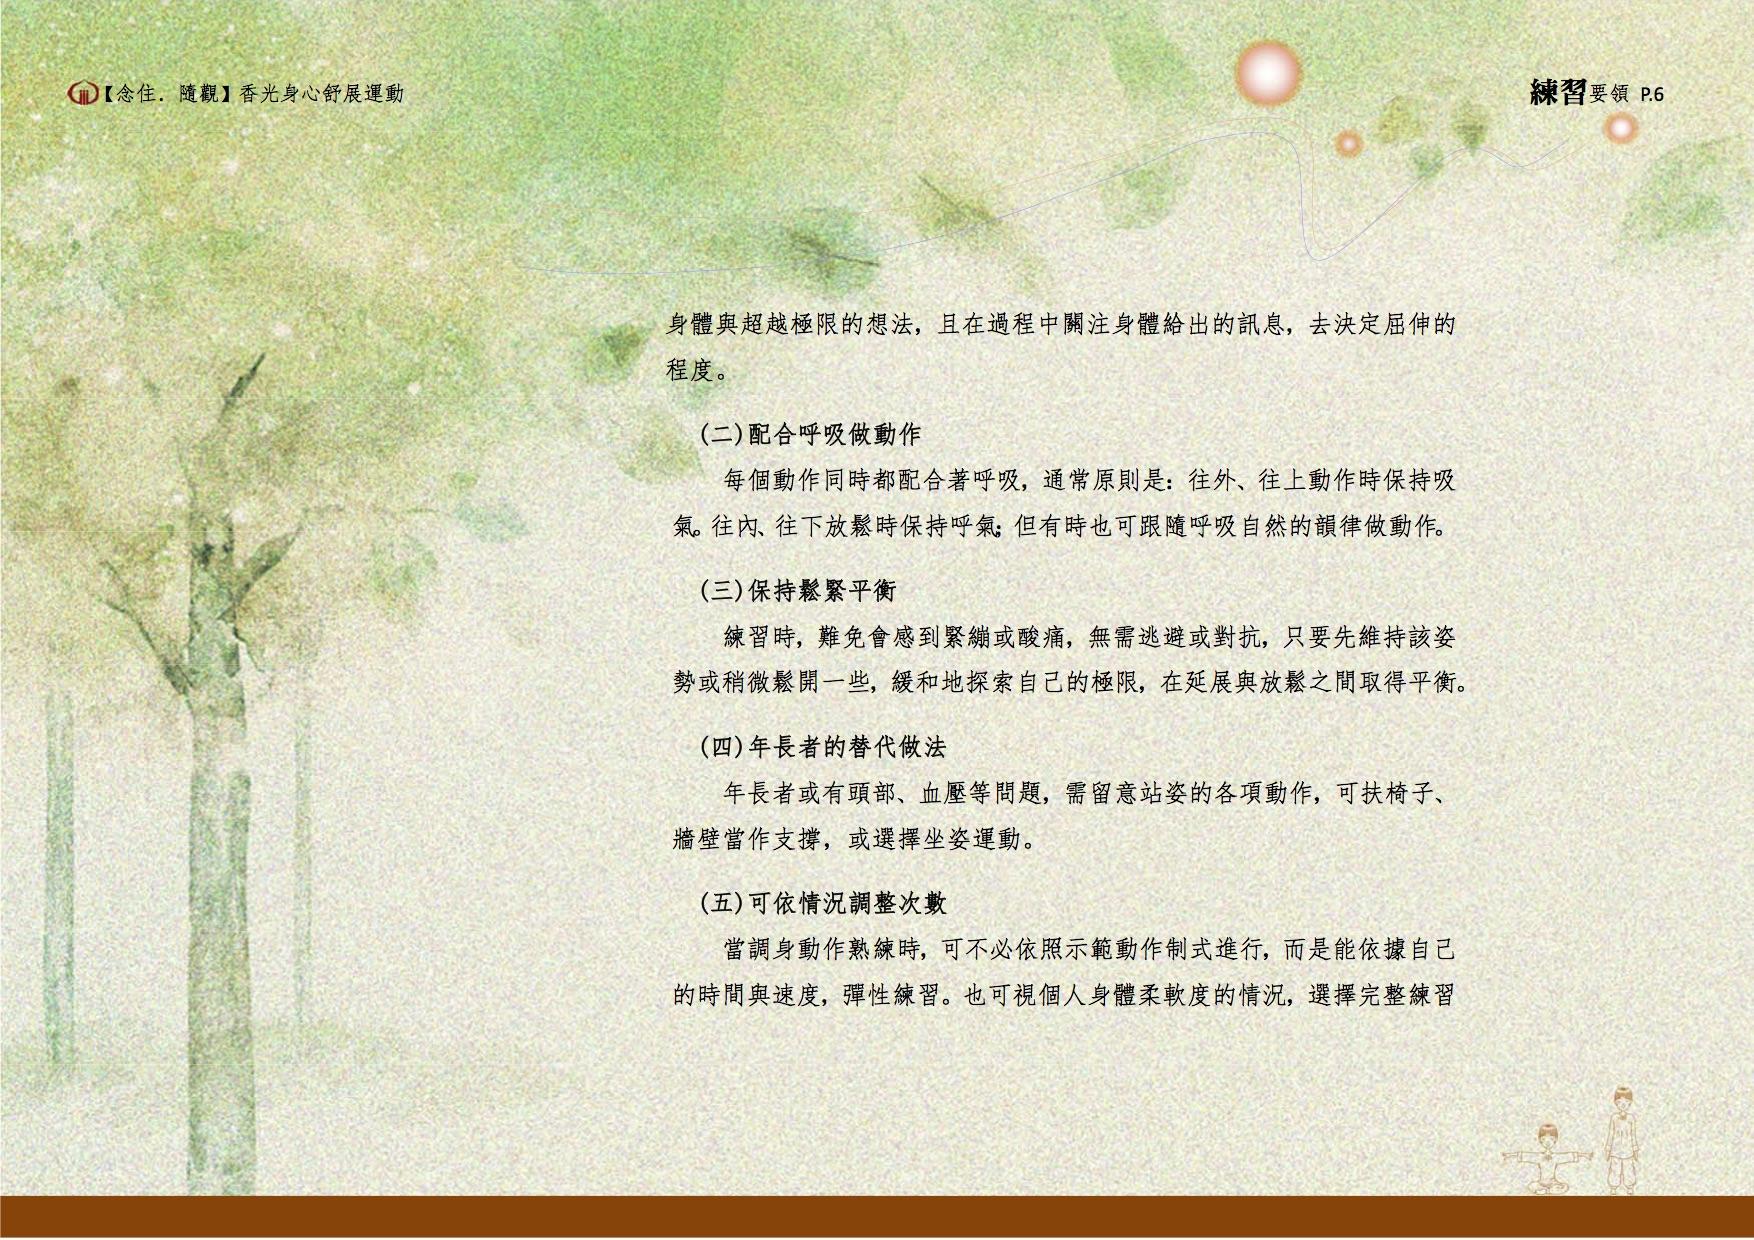 C1-book-14